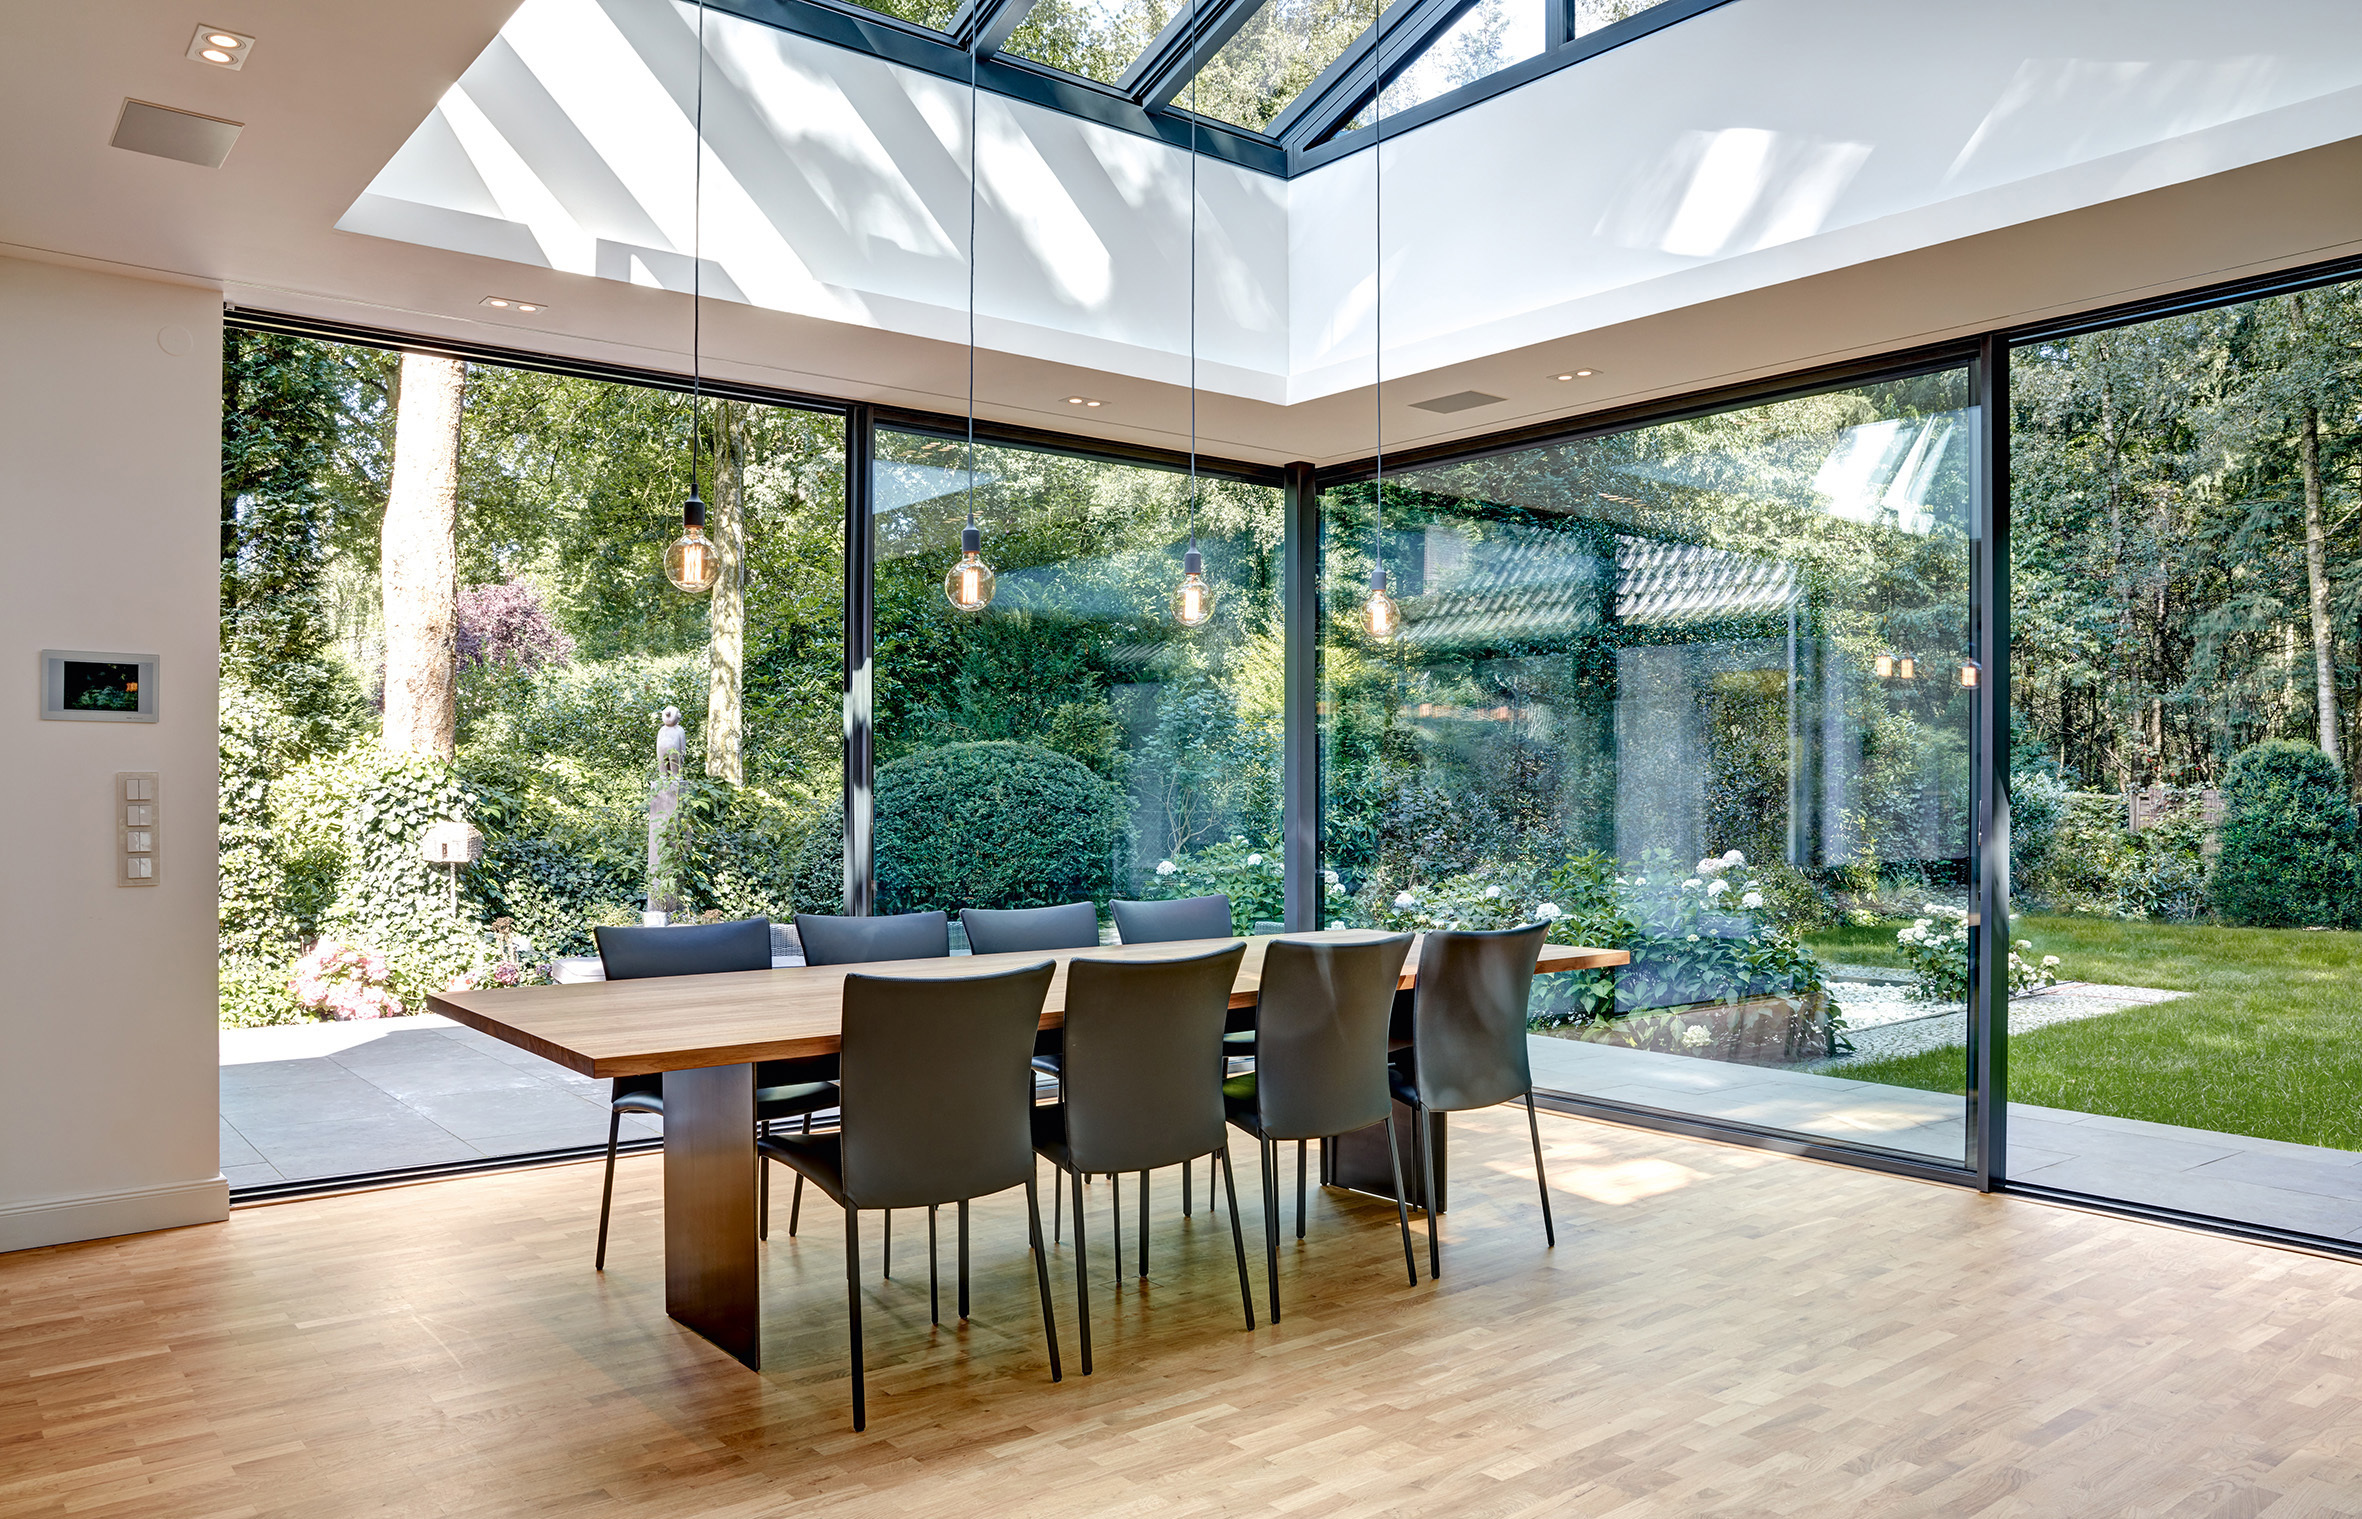 solarlux bringt mit dem schiebefenster cero licht in ei stylepark. Black Bedroom Furniture Sets. Home Design Ideas